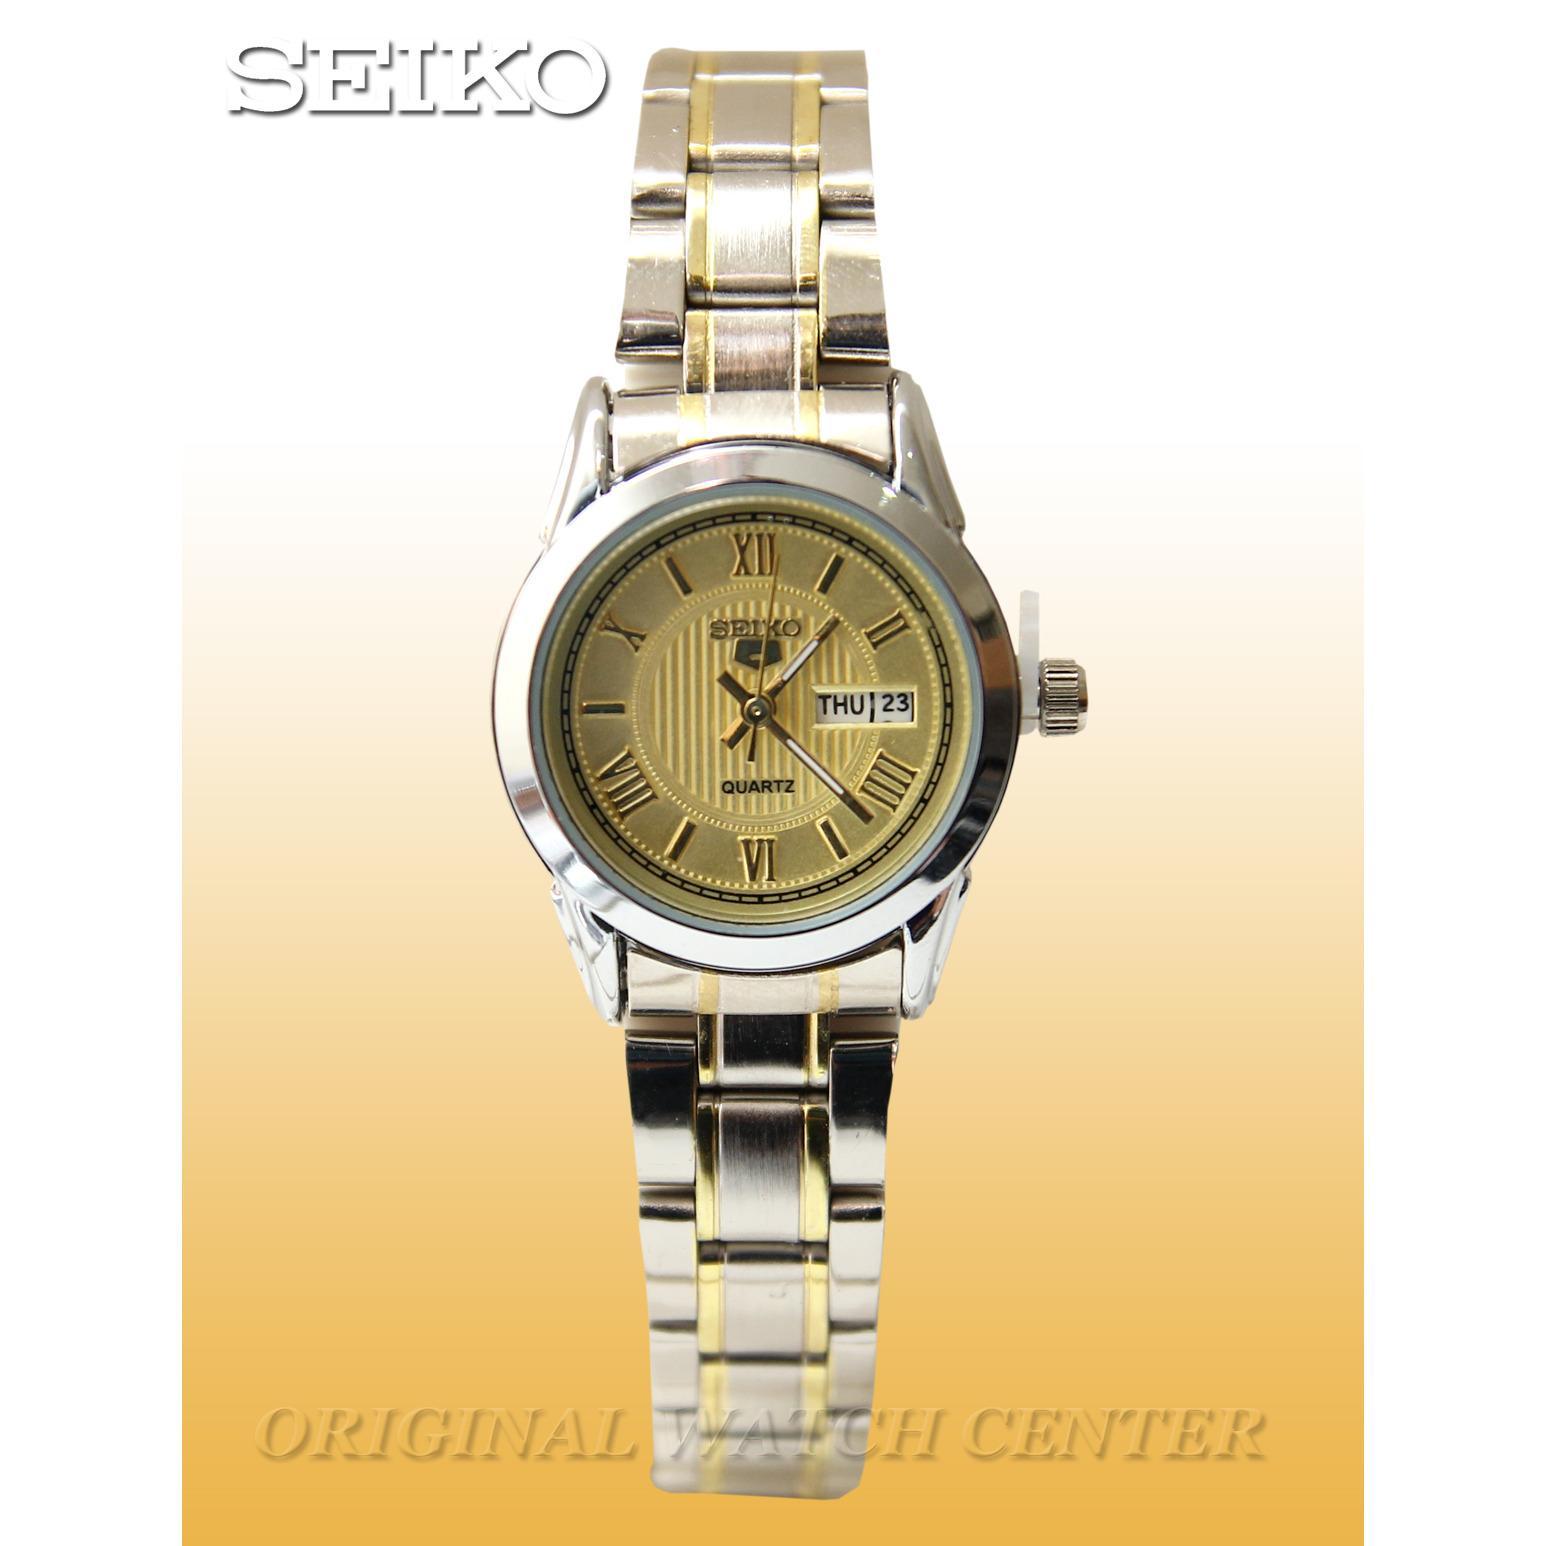 Seiko5-Quartz Jam Tangan Wanita - Stainless Steel - Fitur Tanggal Dan Hari